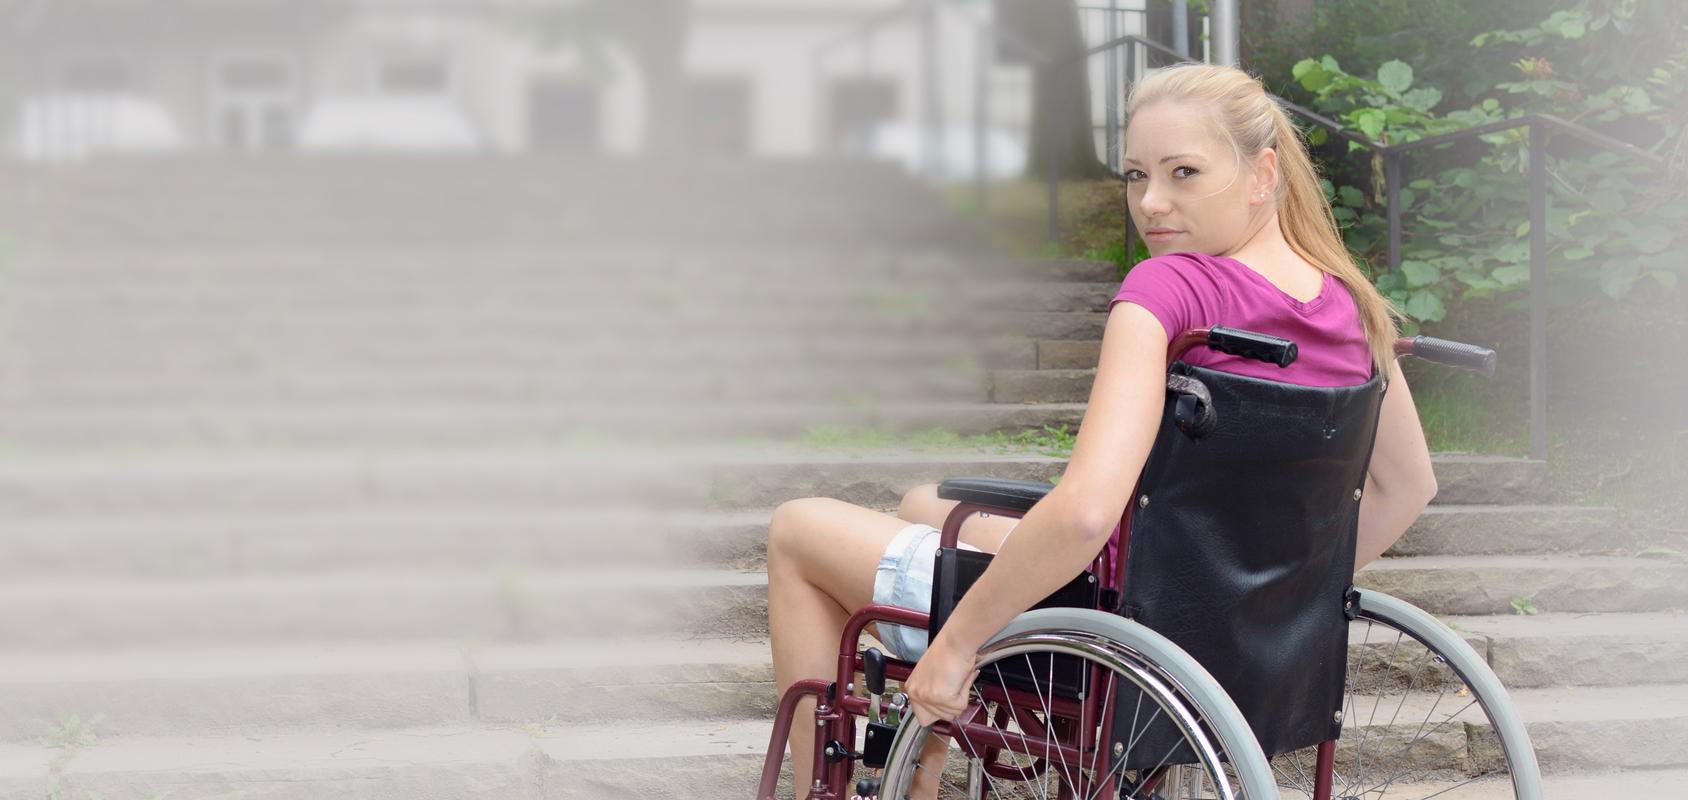 <span>ZEFAS<br></span>Für Menschen mit besonderem visuellem Rehabilitationsbedarf